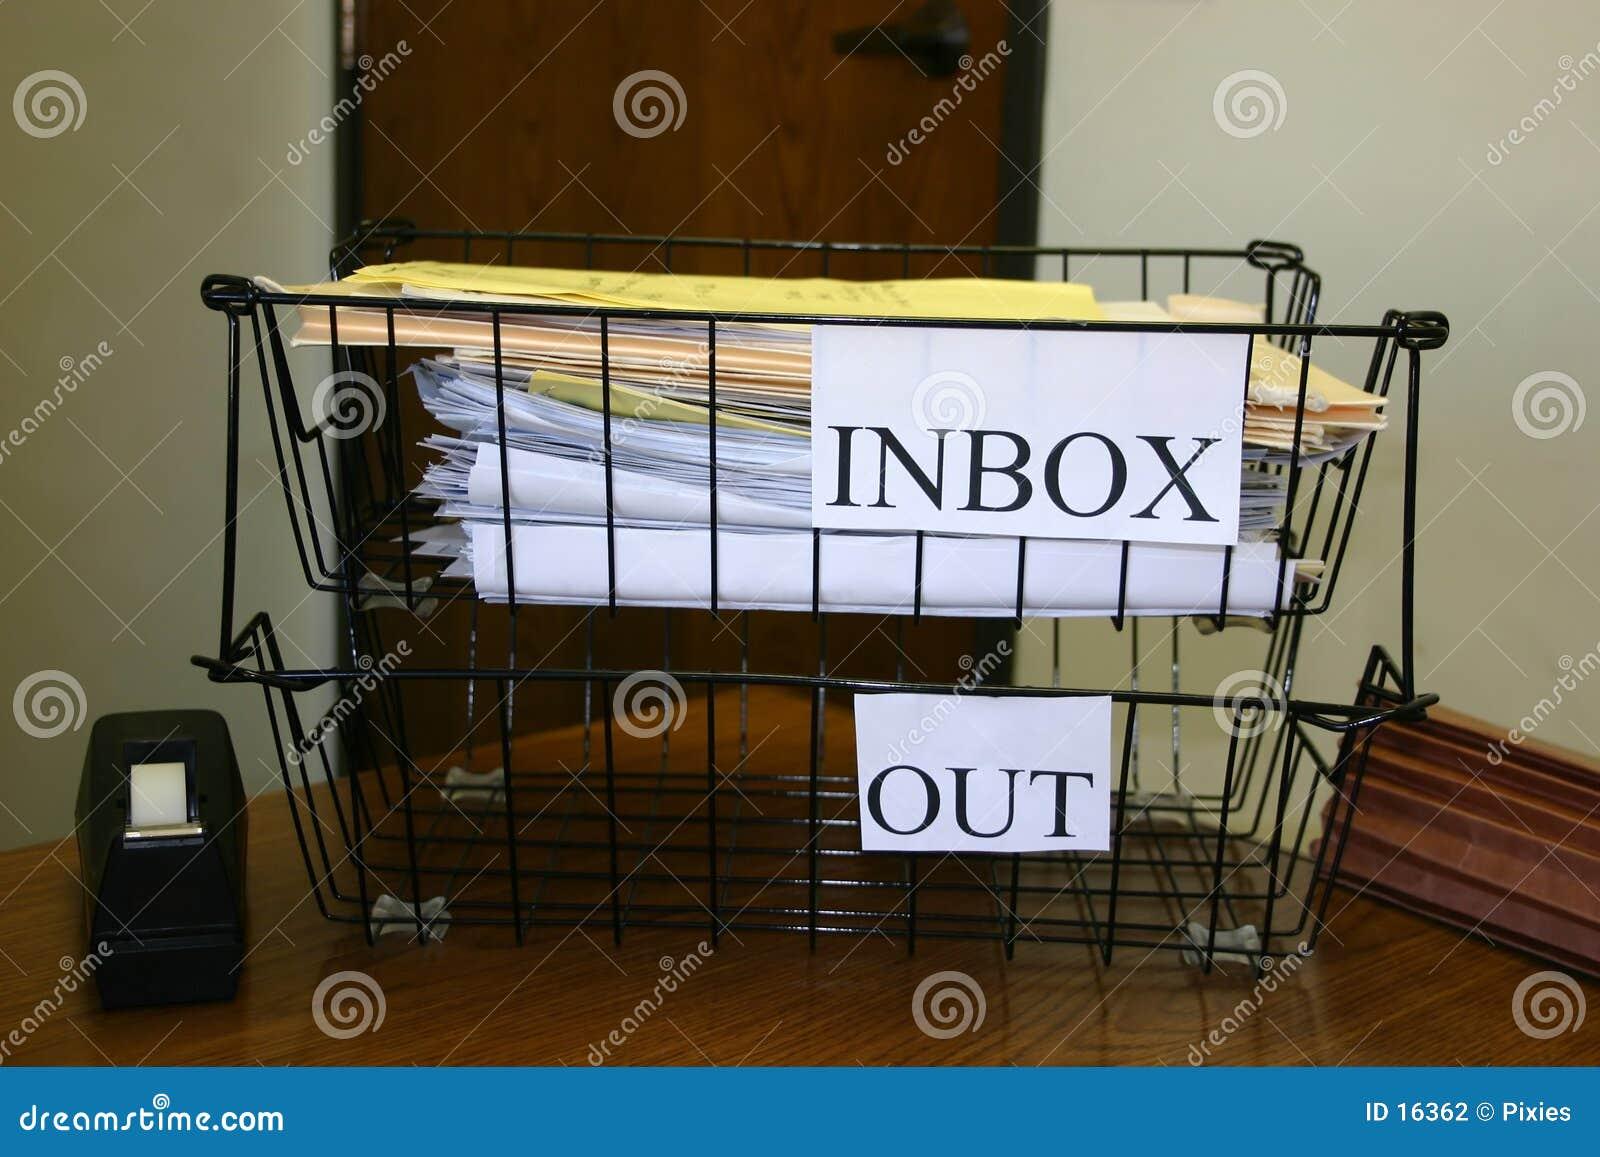 Meu Inbox